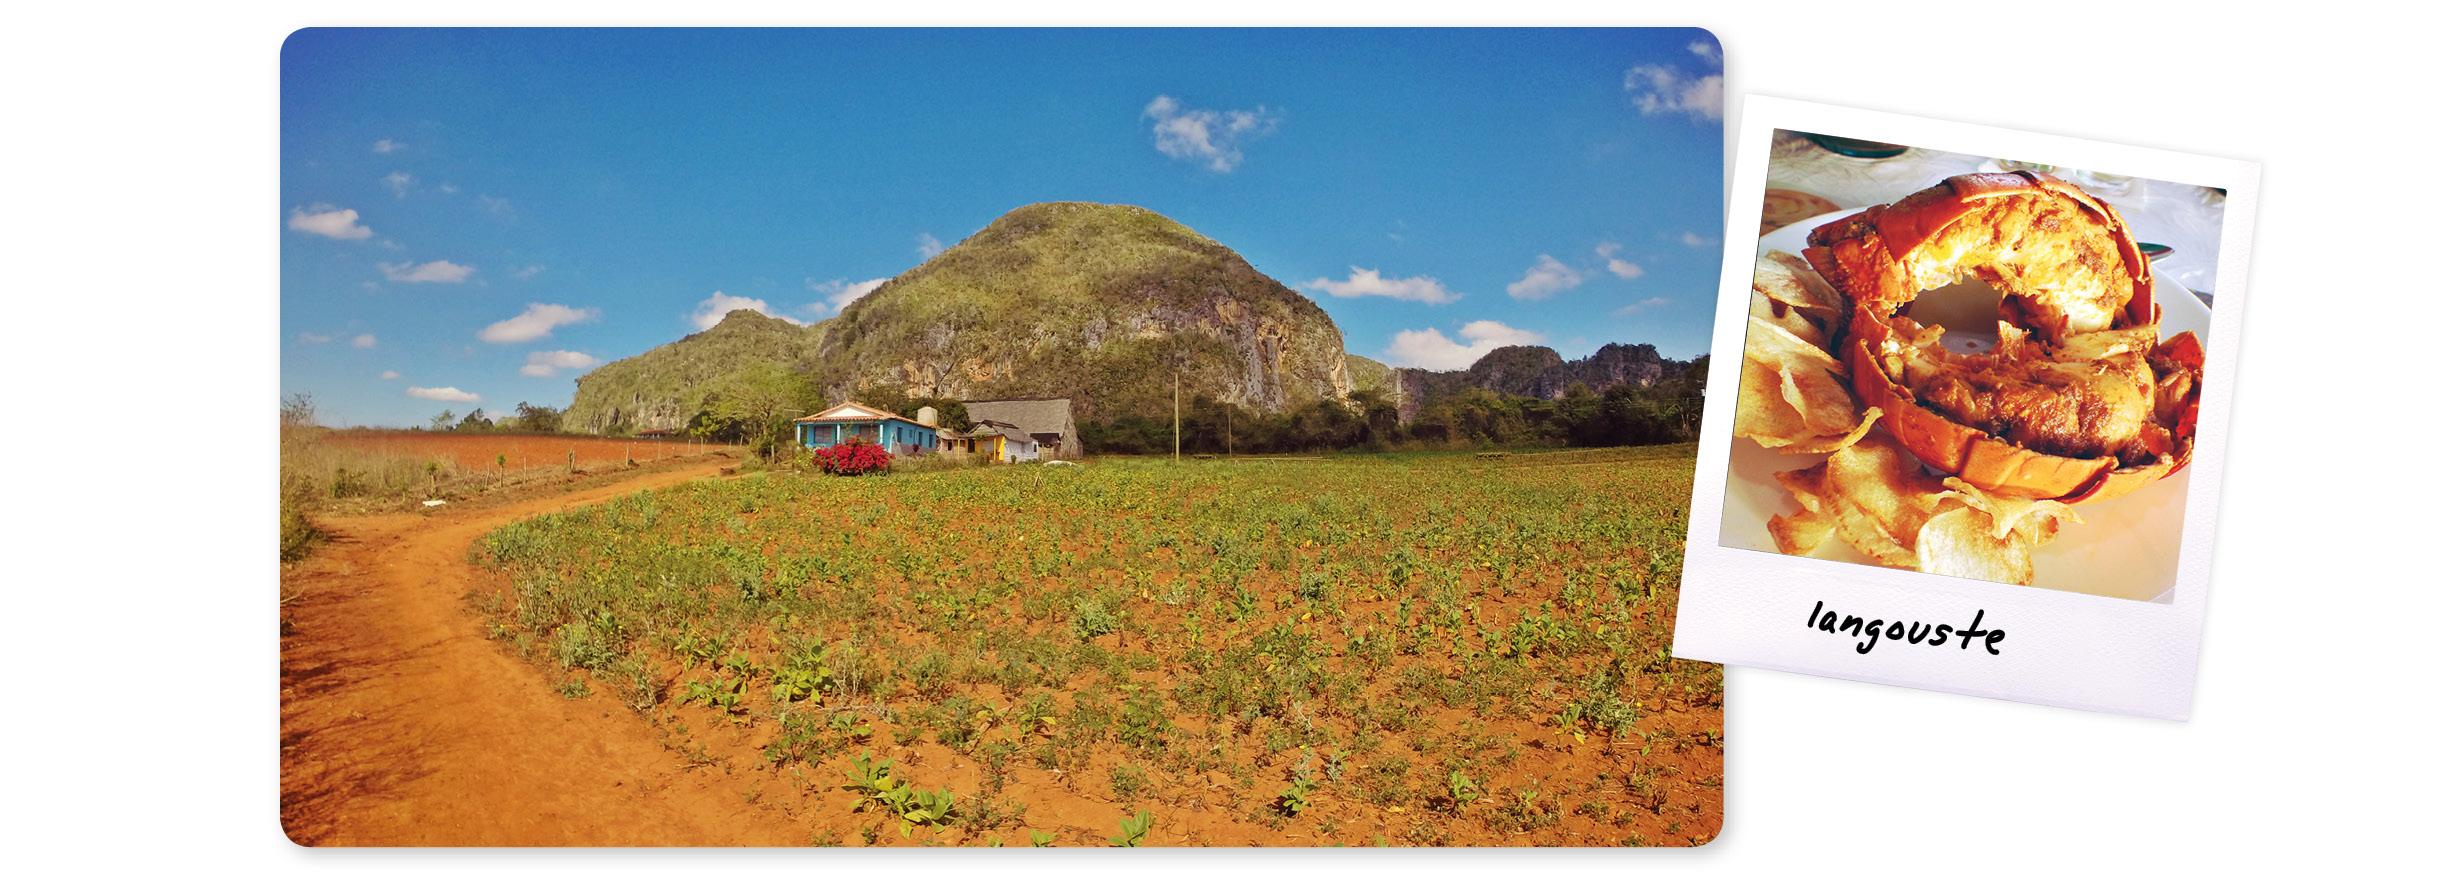 cuba, caraïbes, voyage, île, vinales, vallée, mogote, tabac, plantation, nature, langouste, cuba food,